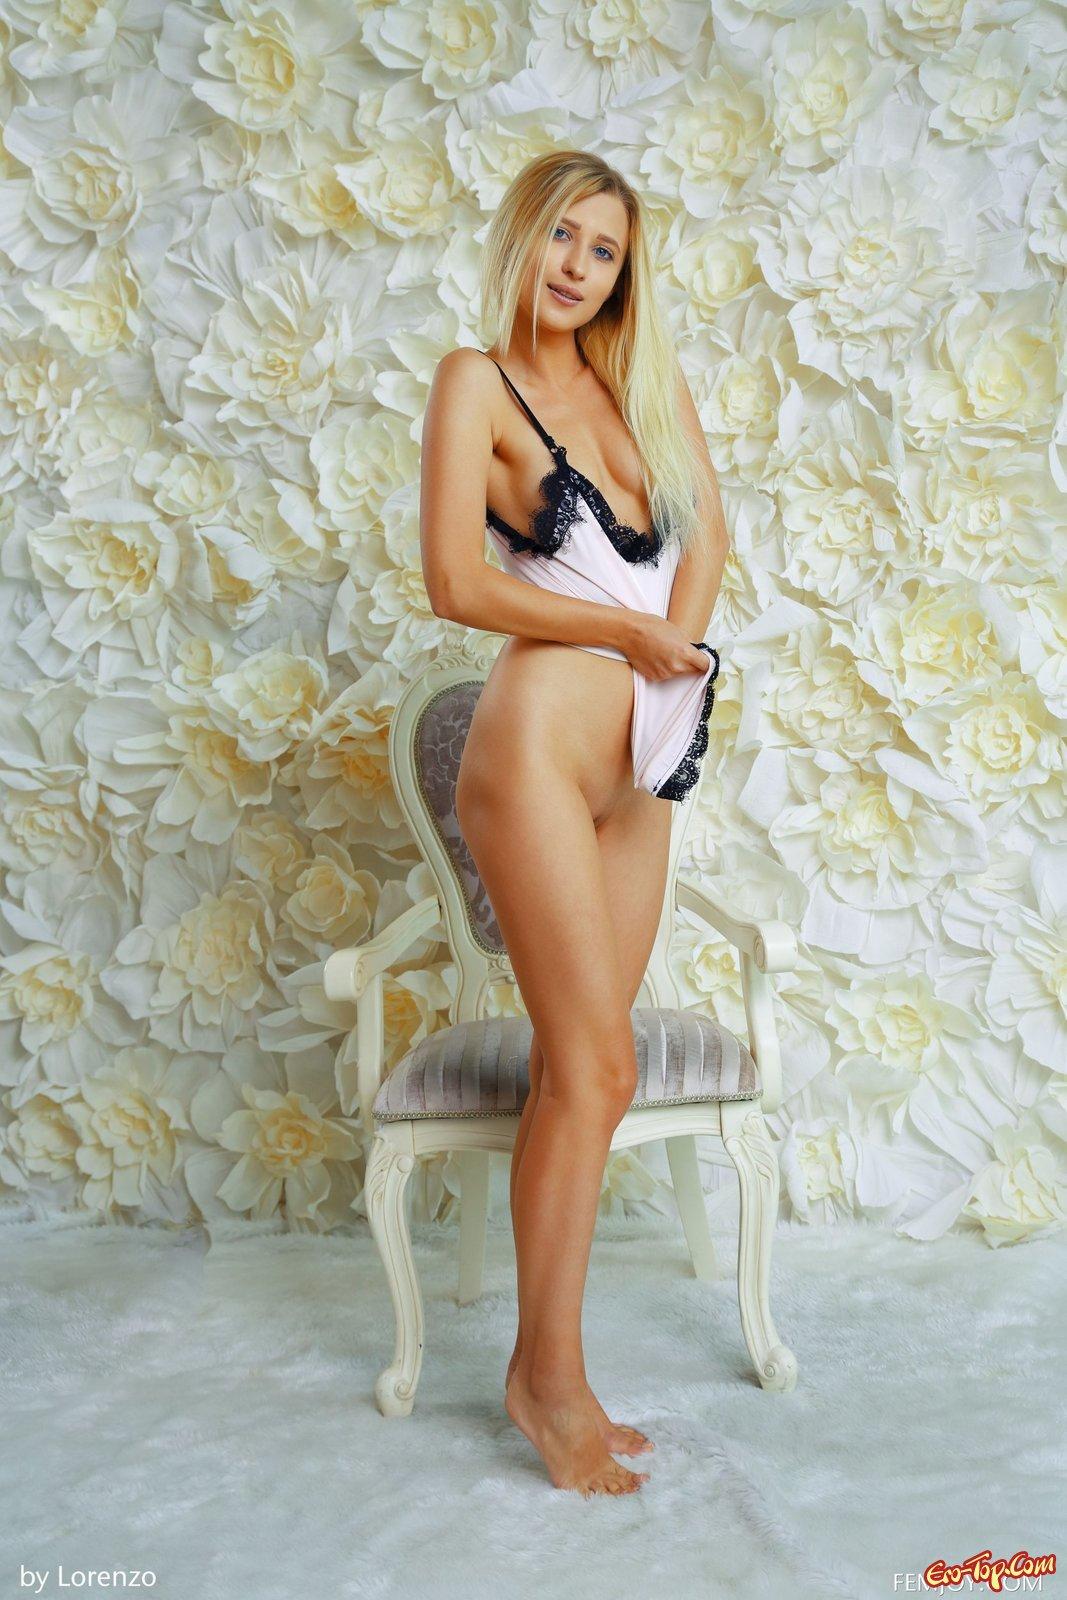 Голубоглазая блондинка с маленькой грудью на стуле